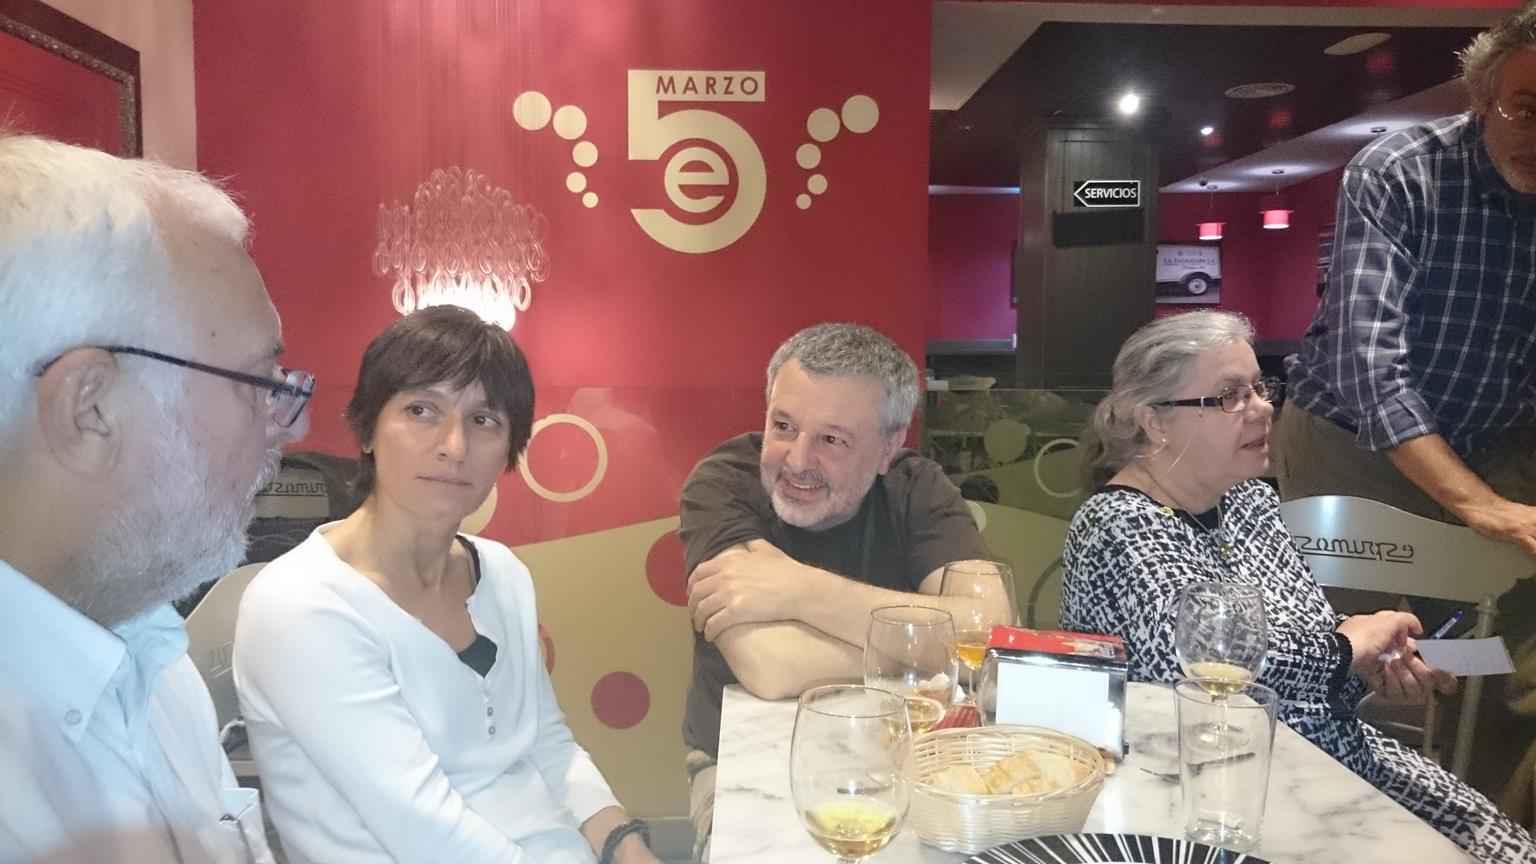 José Ramón Sanchís, Mª José Rodríguez, Juanjo Sánchez, Yolanda Fdez. Barredo y Bernabé Moya departiendo